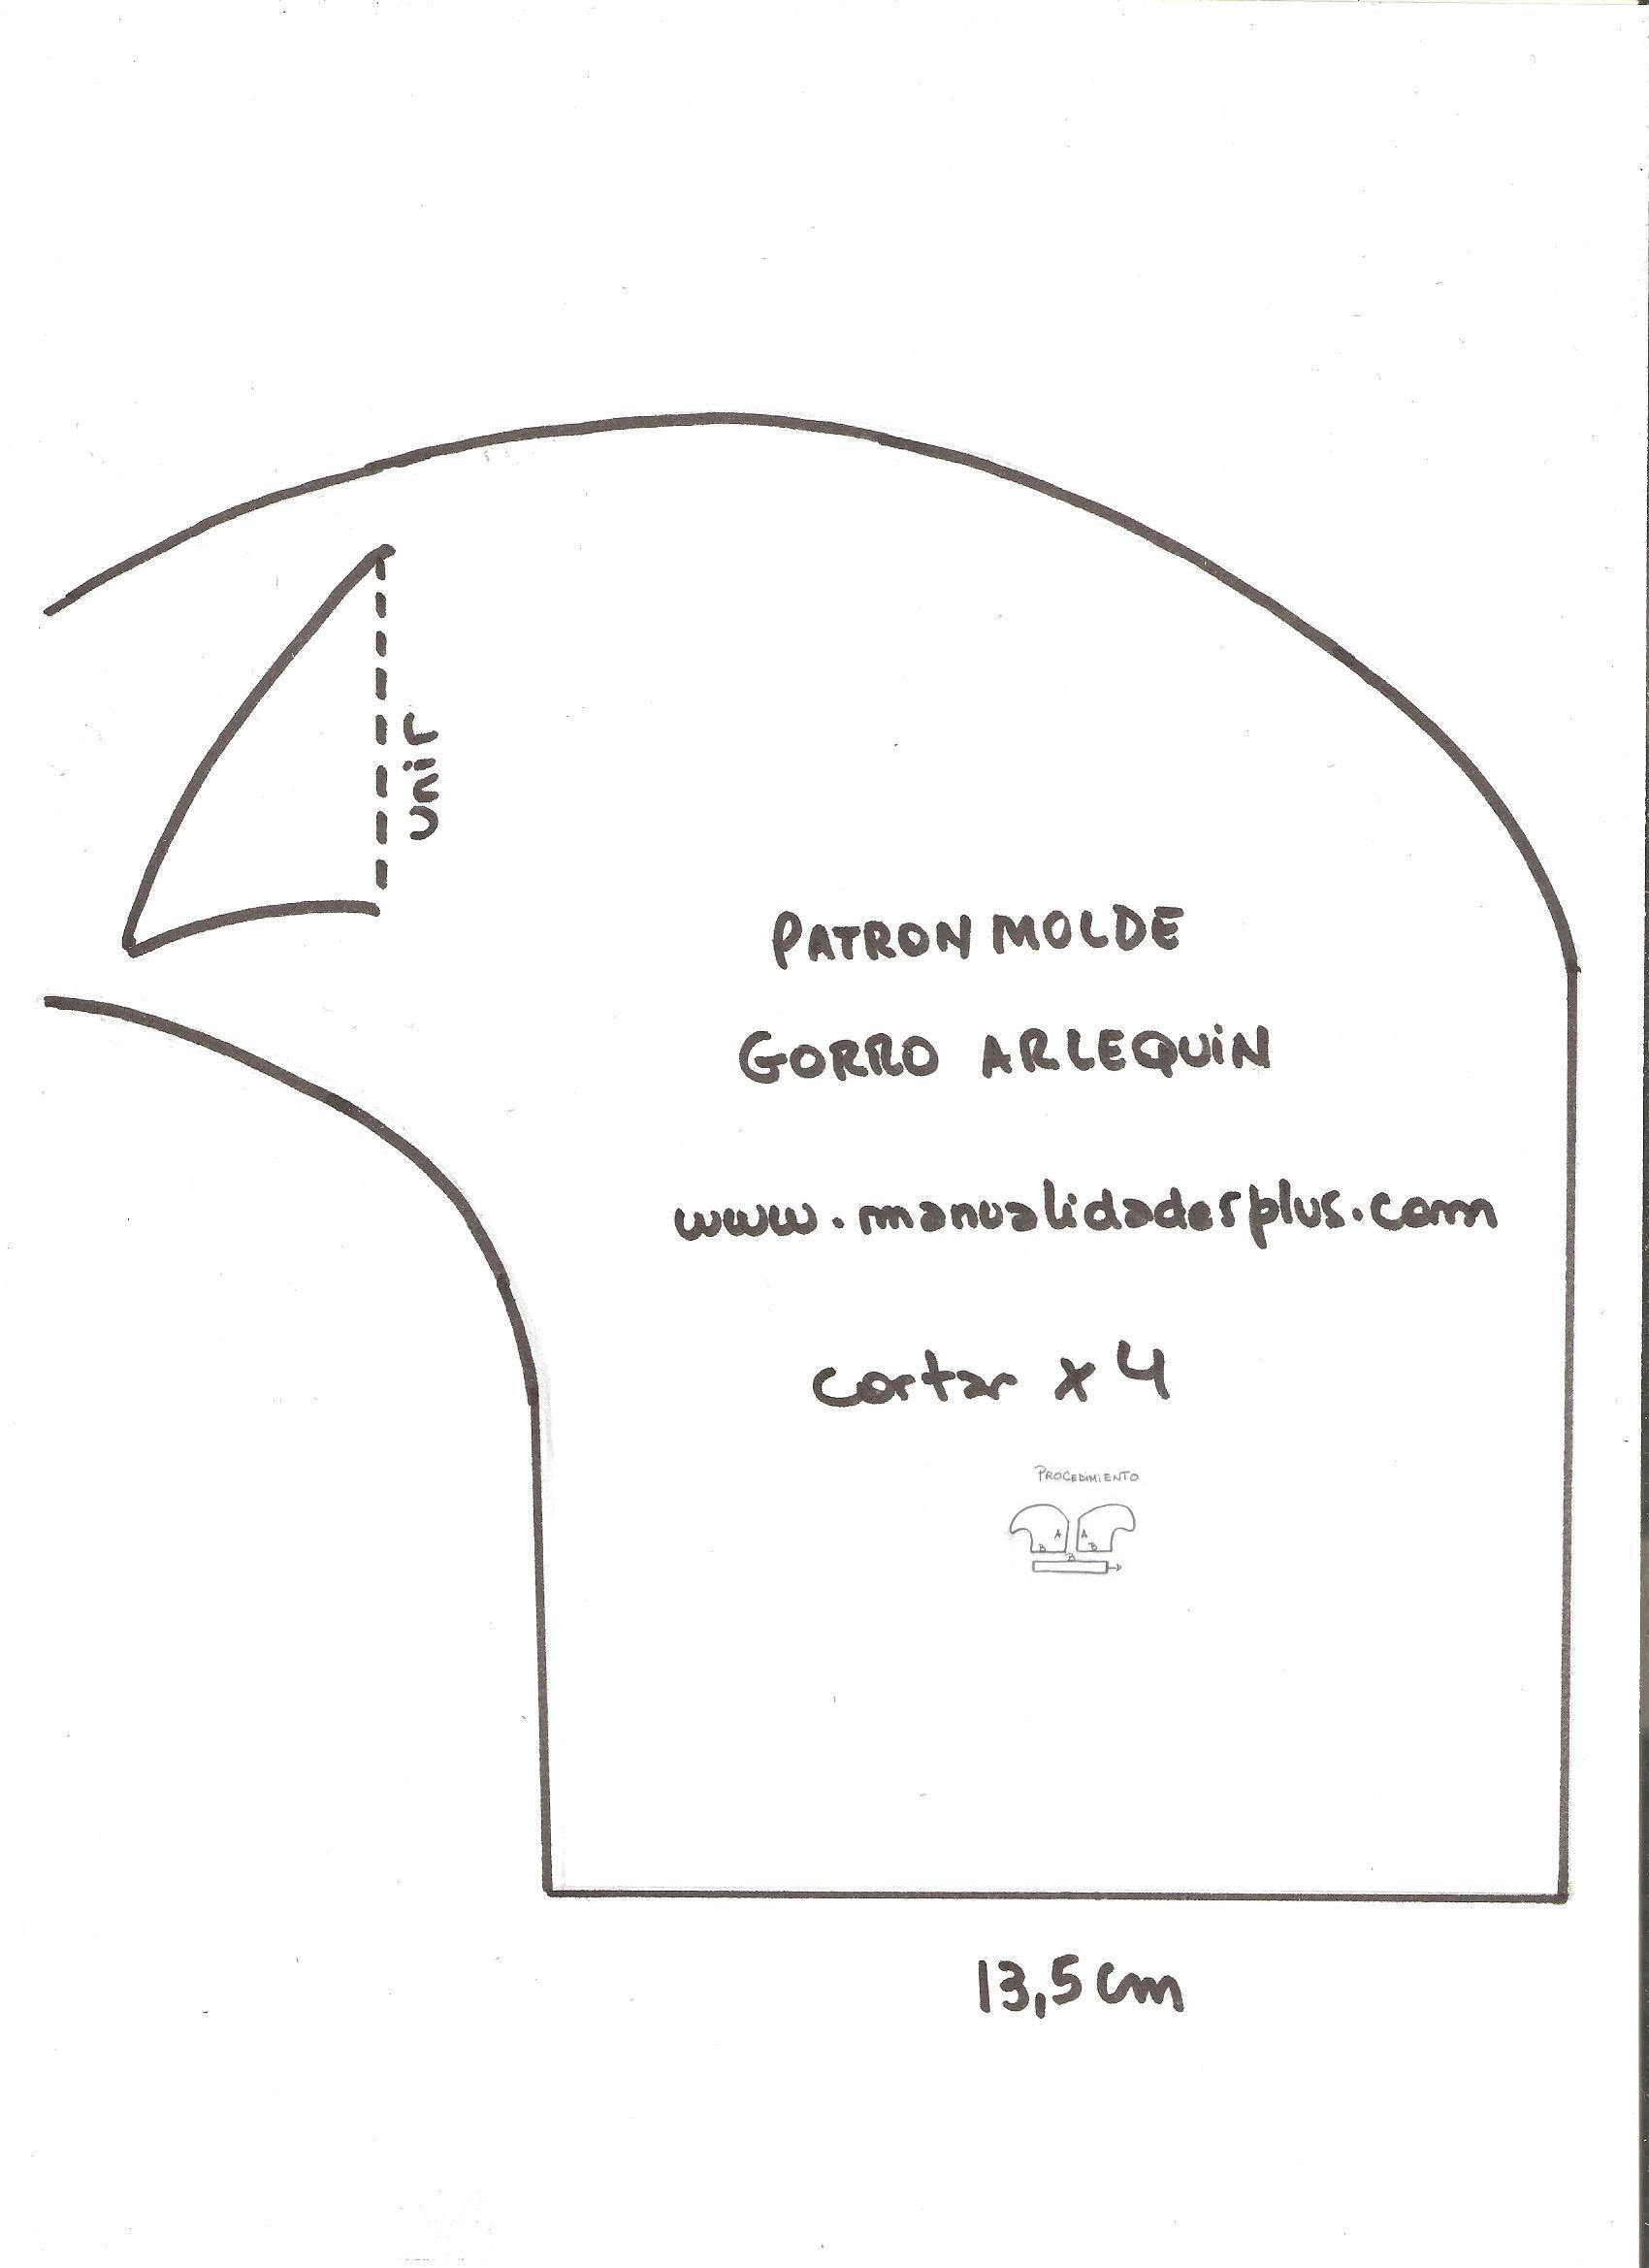 Gorros para Fiestas Patrones Moldes Arlequin 6054c4e7118